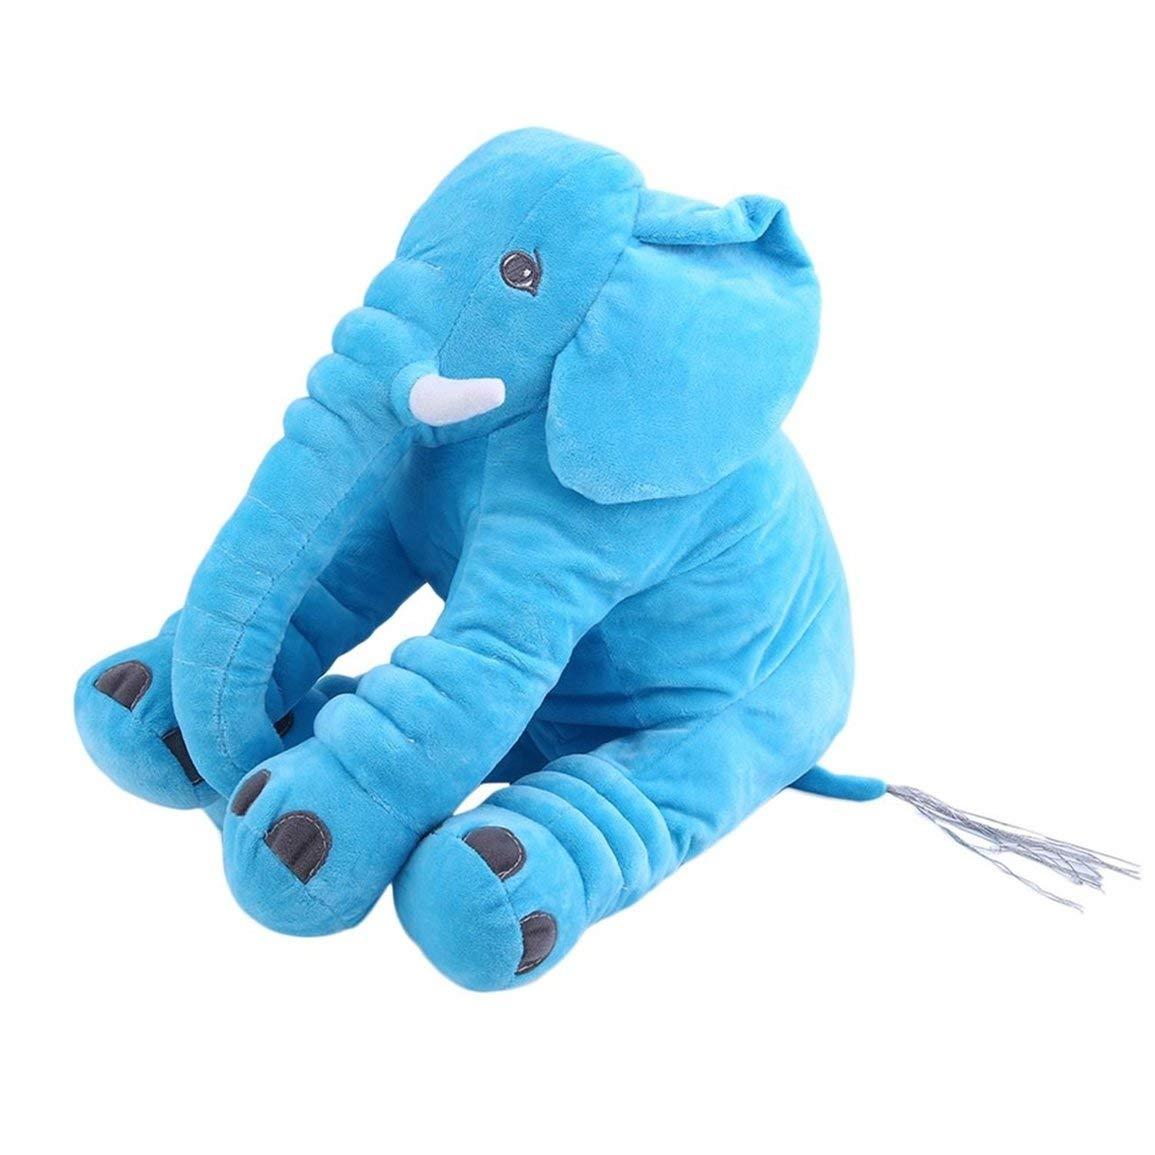 Fantasyworld Cojín de Peluche Animal Niños del bebé Que Duerme Almohada Suave del Juguete Elefante Lindo Algodón Forma muñeca de Peluche y Felpa Suave